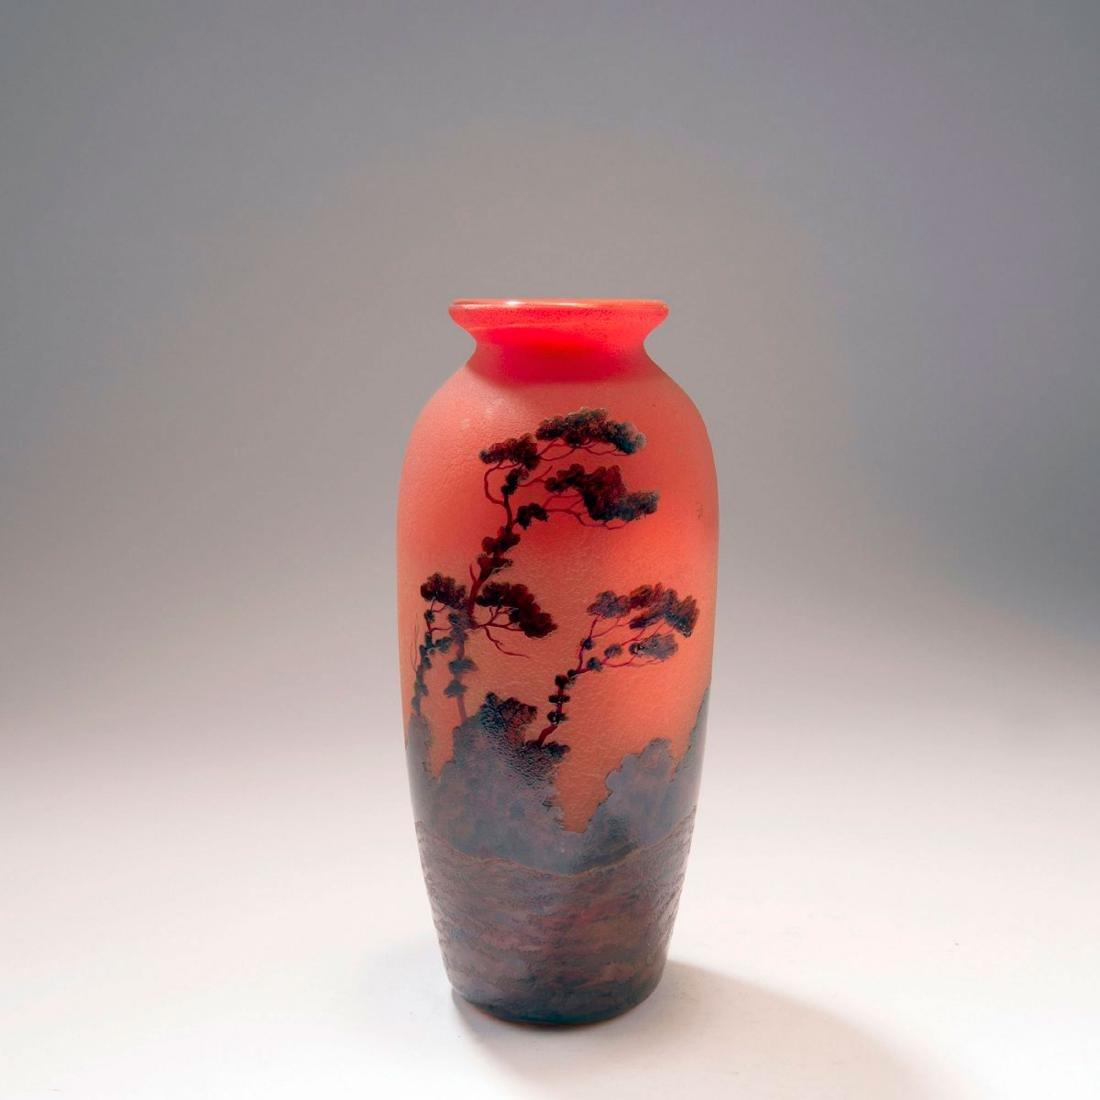 'Paysage, soleil couchant' vase, 1920s